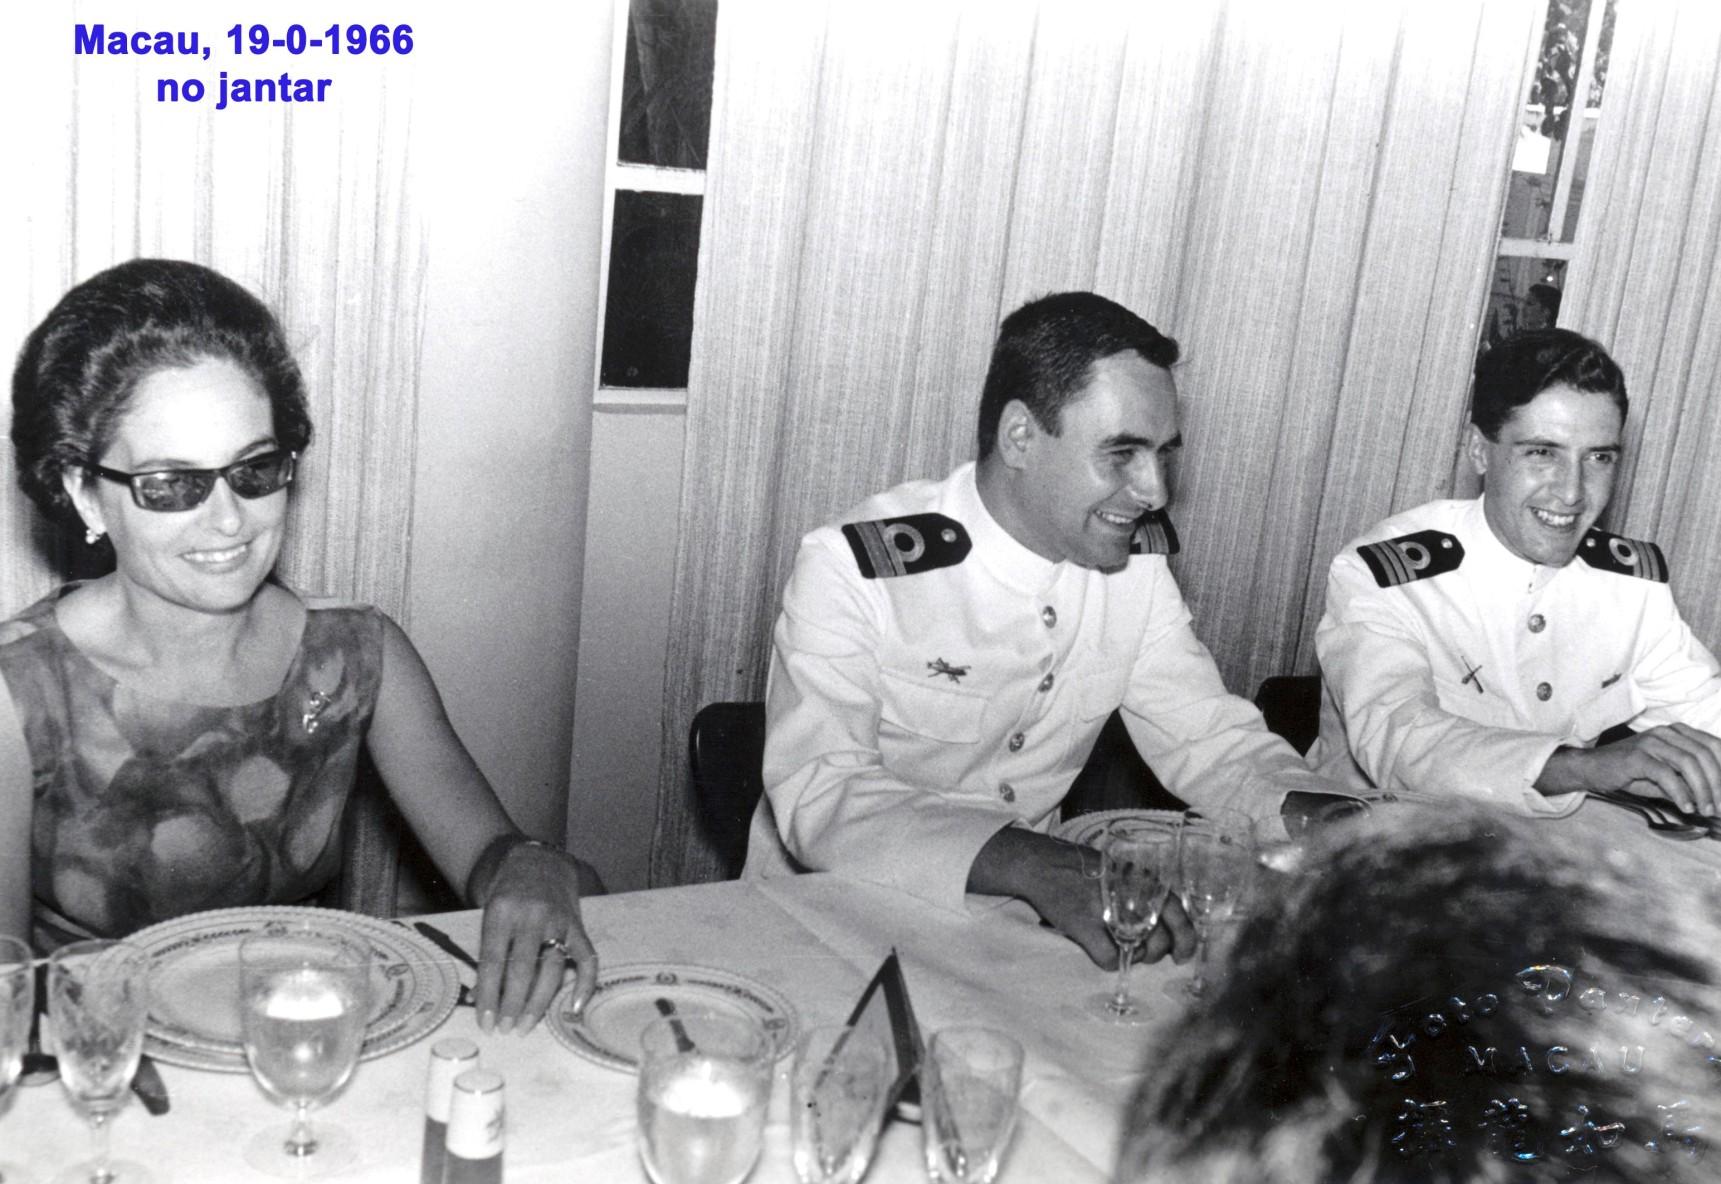 020 66-09-19 António estre esposa de Firmino e Gomes da Silva